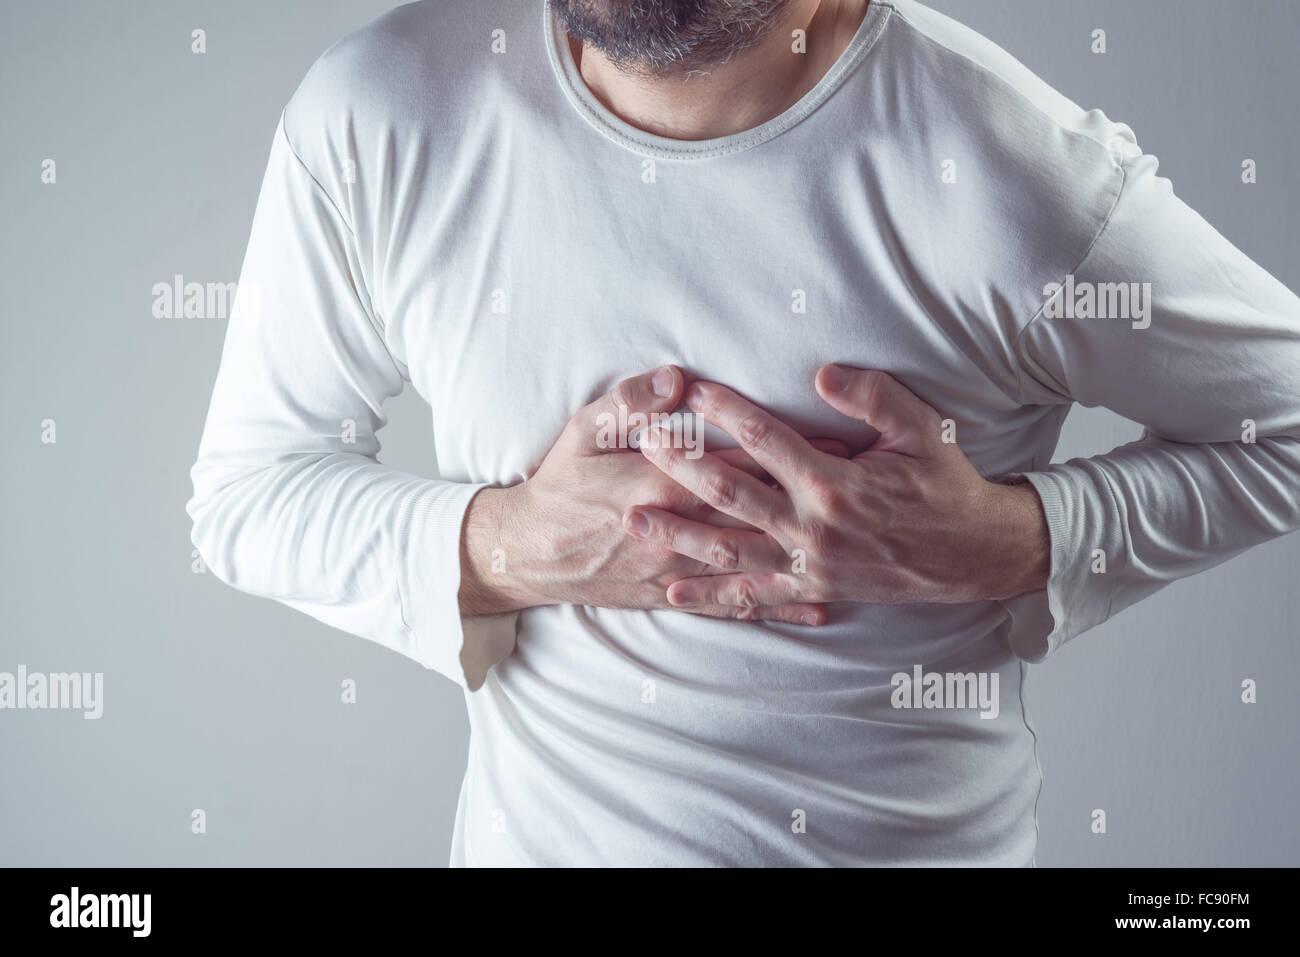 Chagrin sévère, l'homme souffrant de douleur thoracique, crise cardiaque, ou des crampes douloureuses, Photo Stock